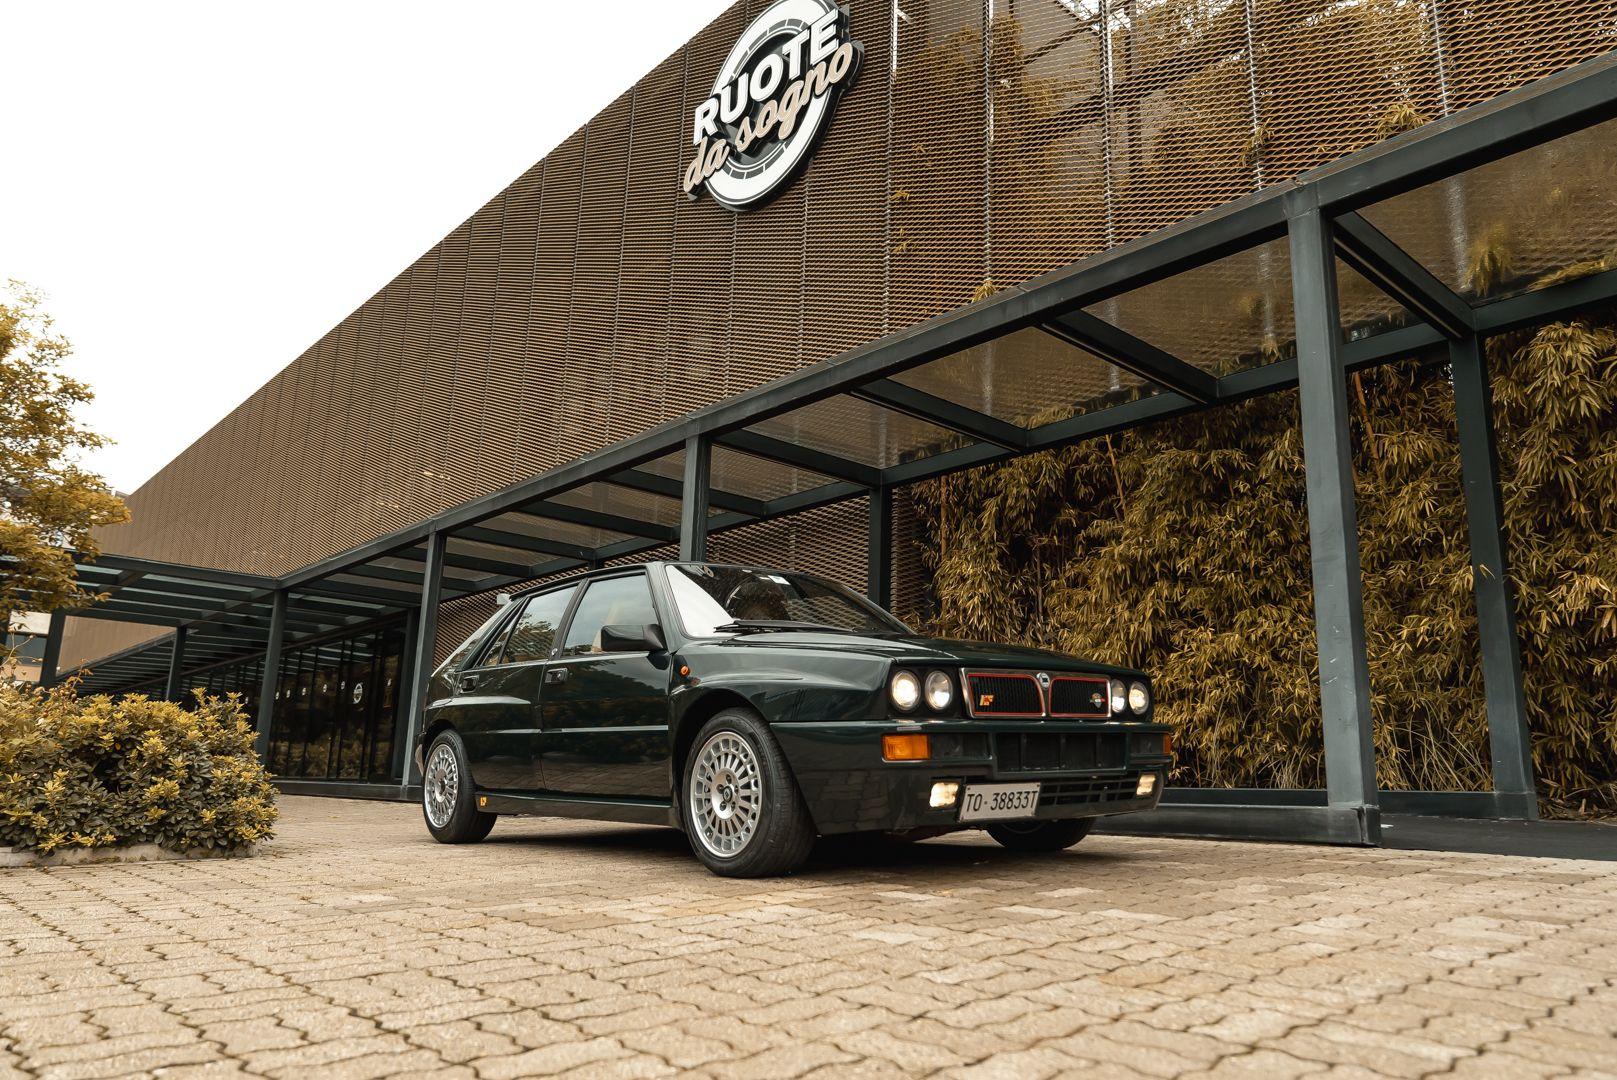 1992 Lancia Delta HF Integrale 16V Evo 1 - 79/250 84792